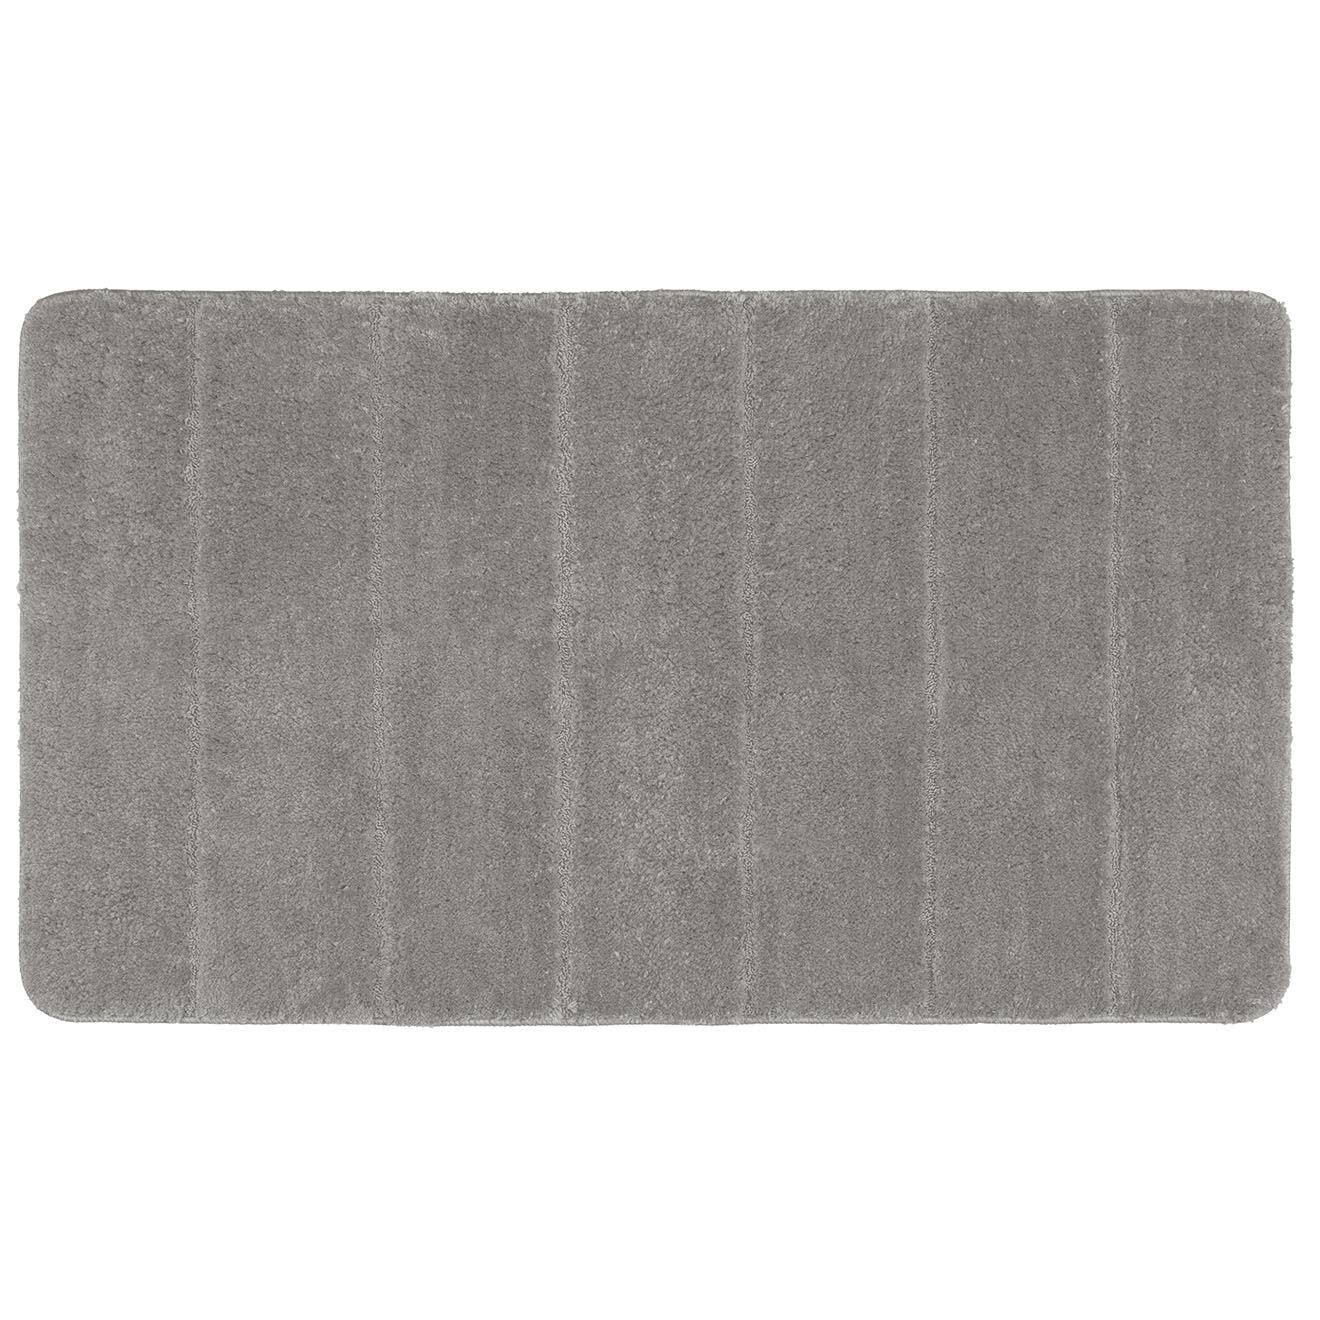 Tapis de bain Steps gris clair - 70x120 cm